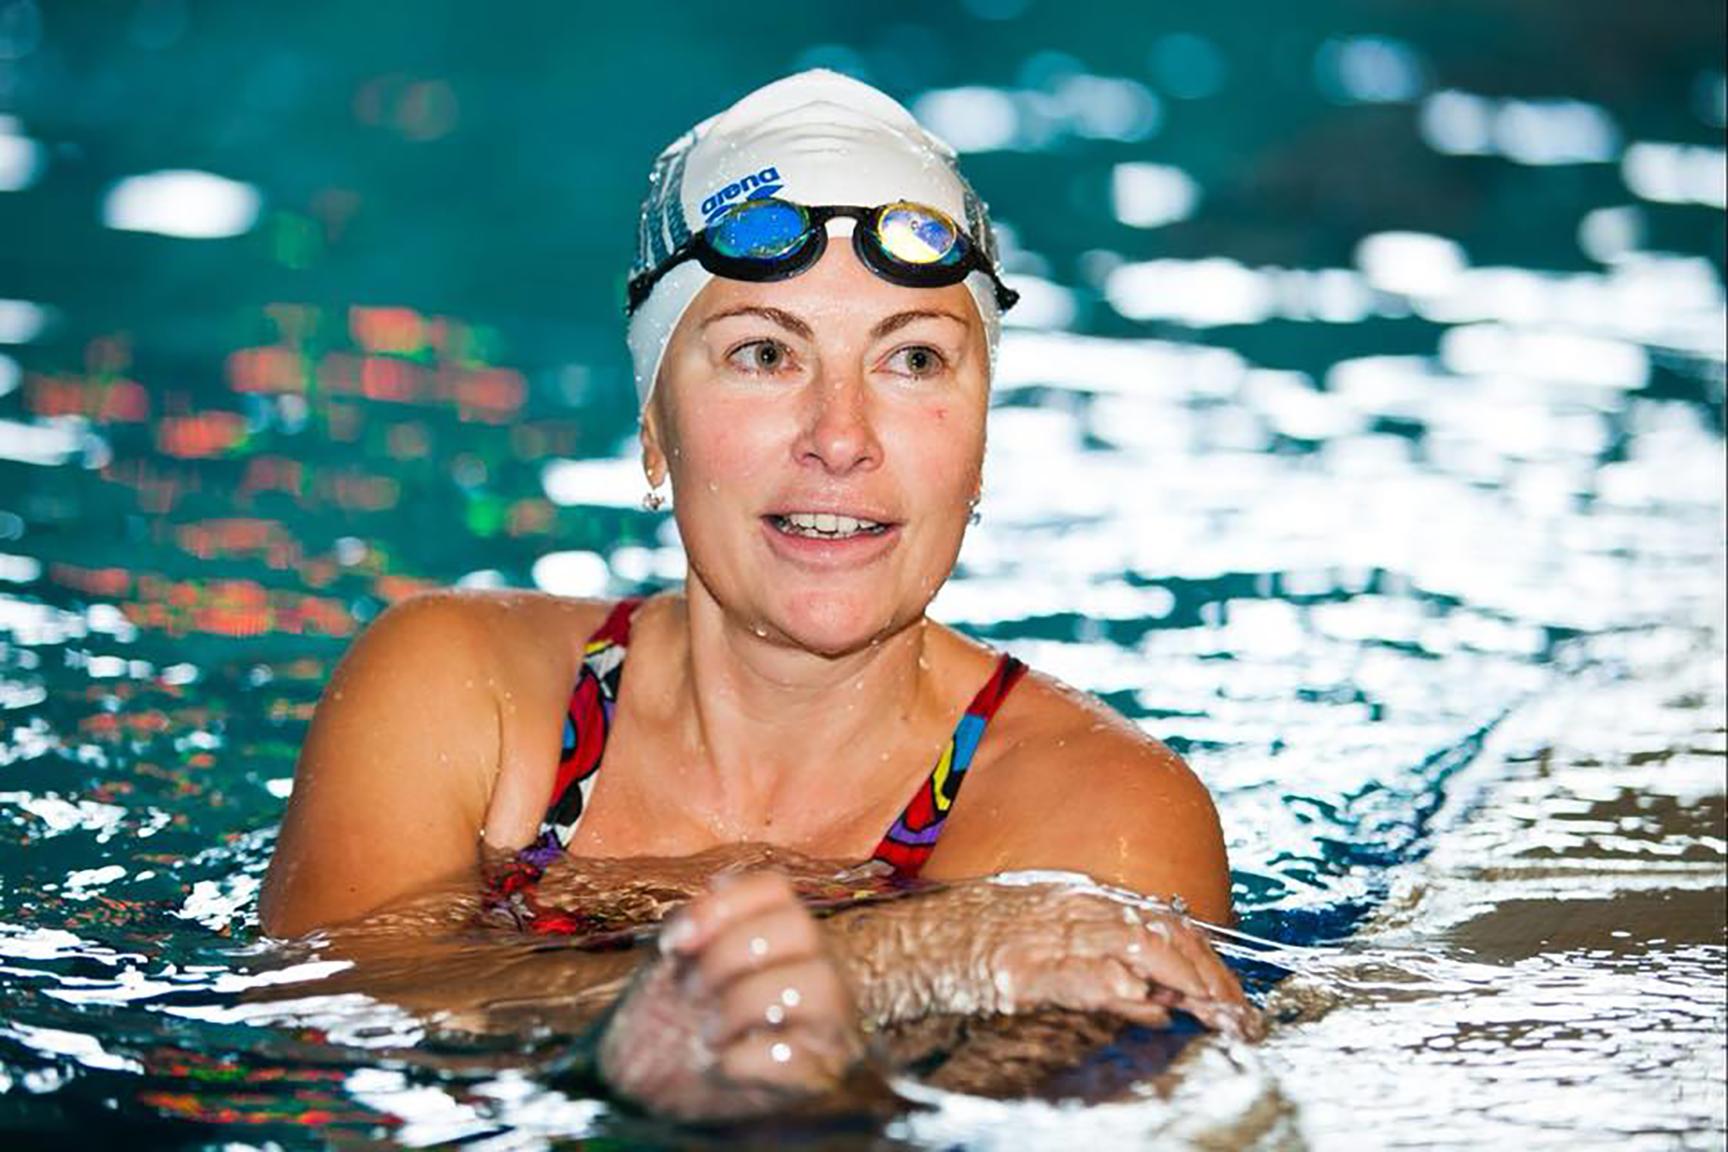 власта шовковська плаває у басейні